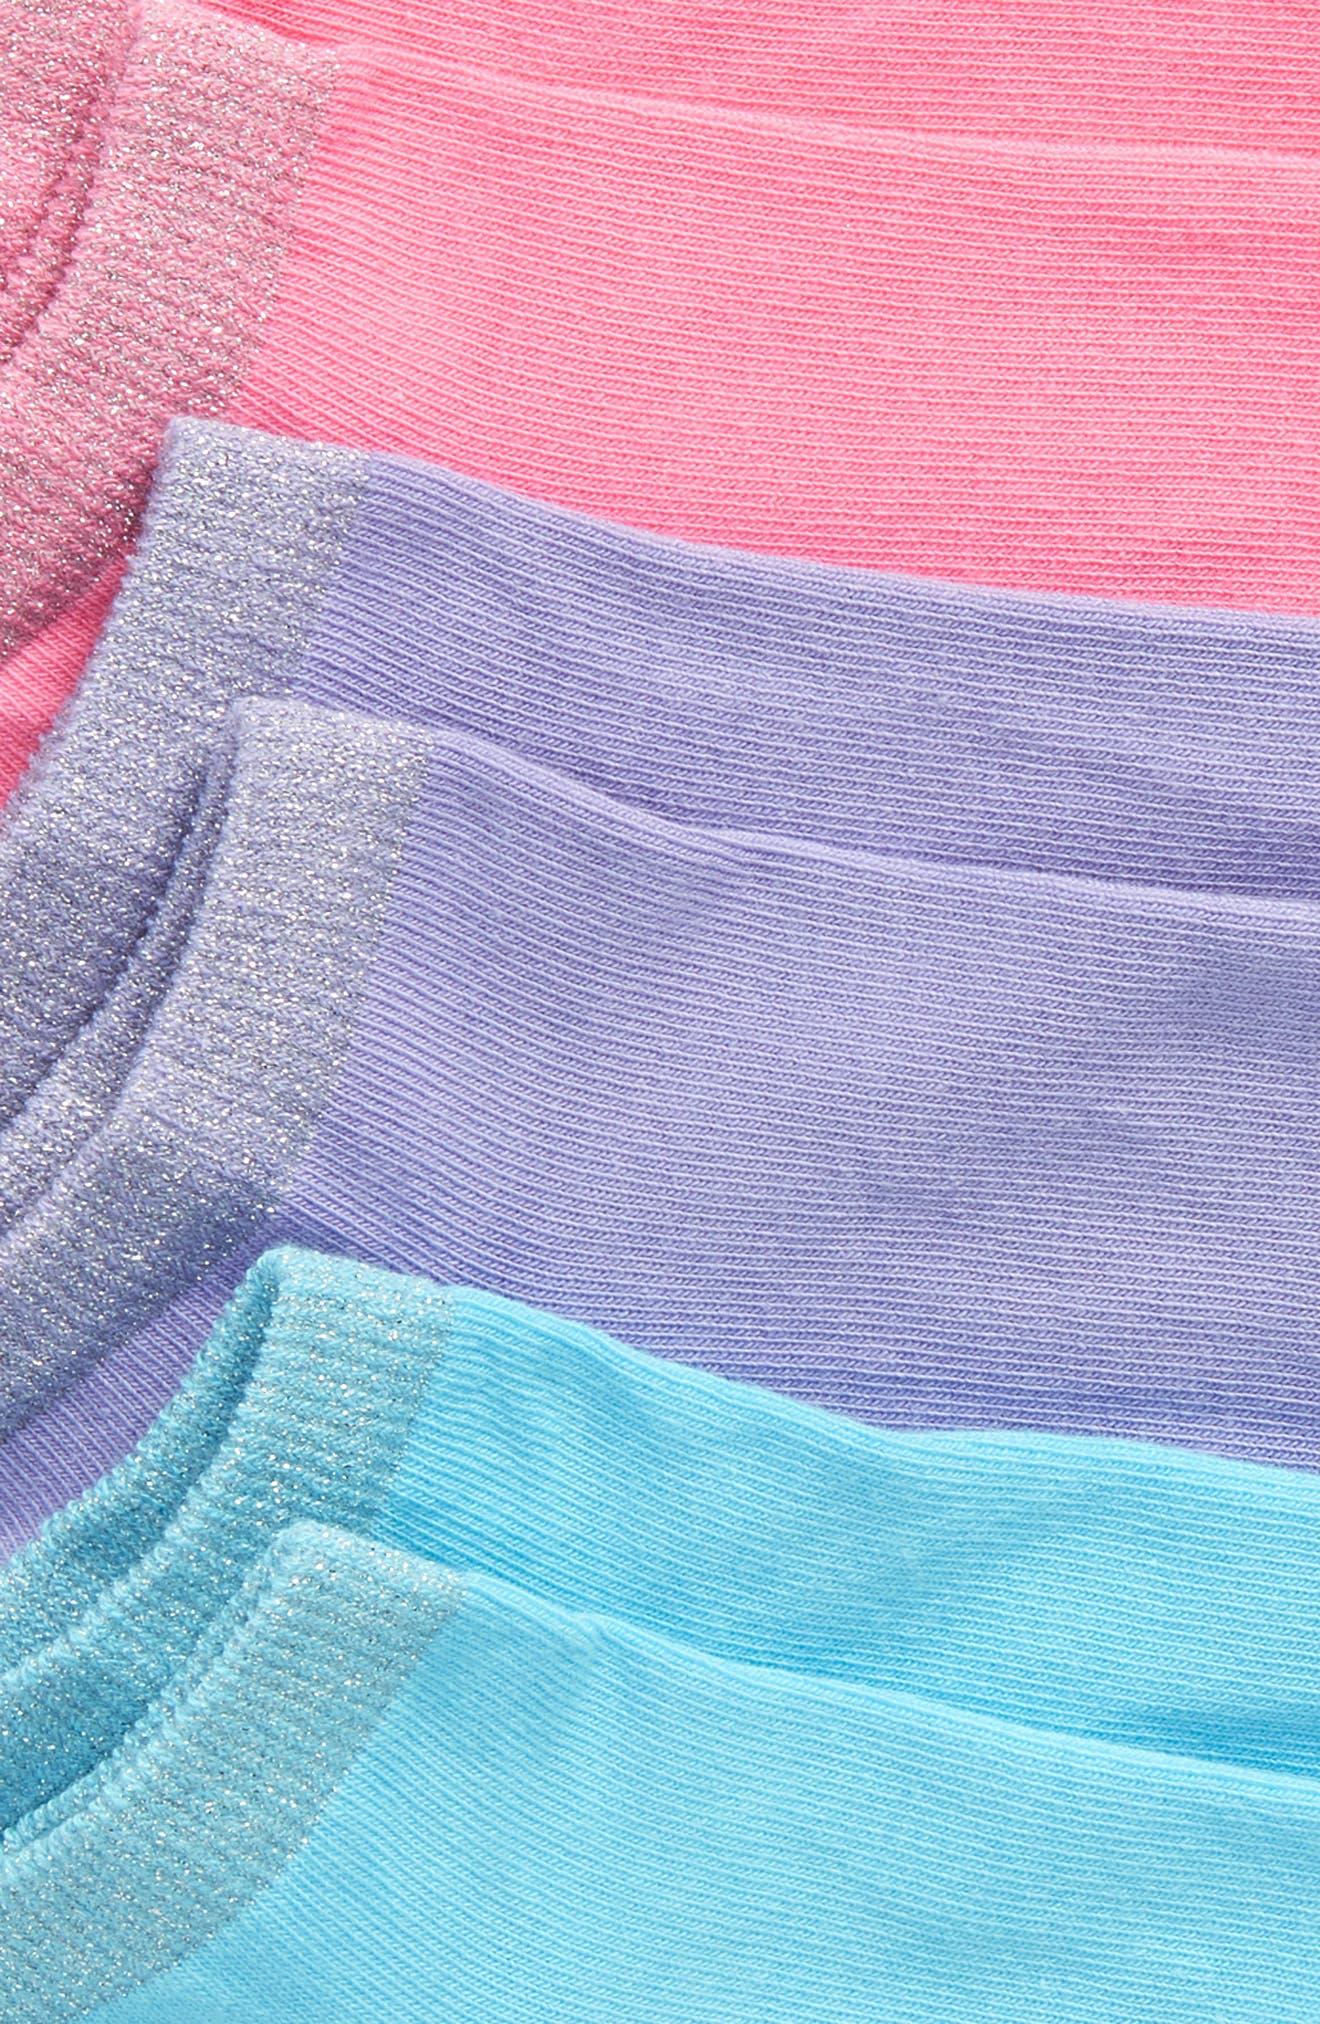 3-Pack Metallic Liner Socks,                             Alternate thumbnail 2, color,                             652